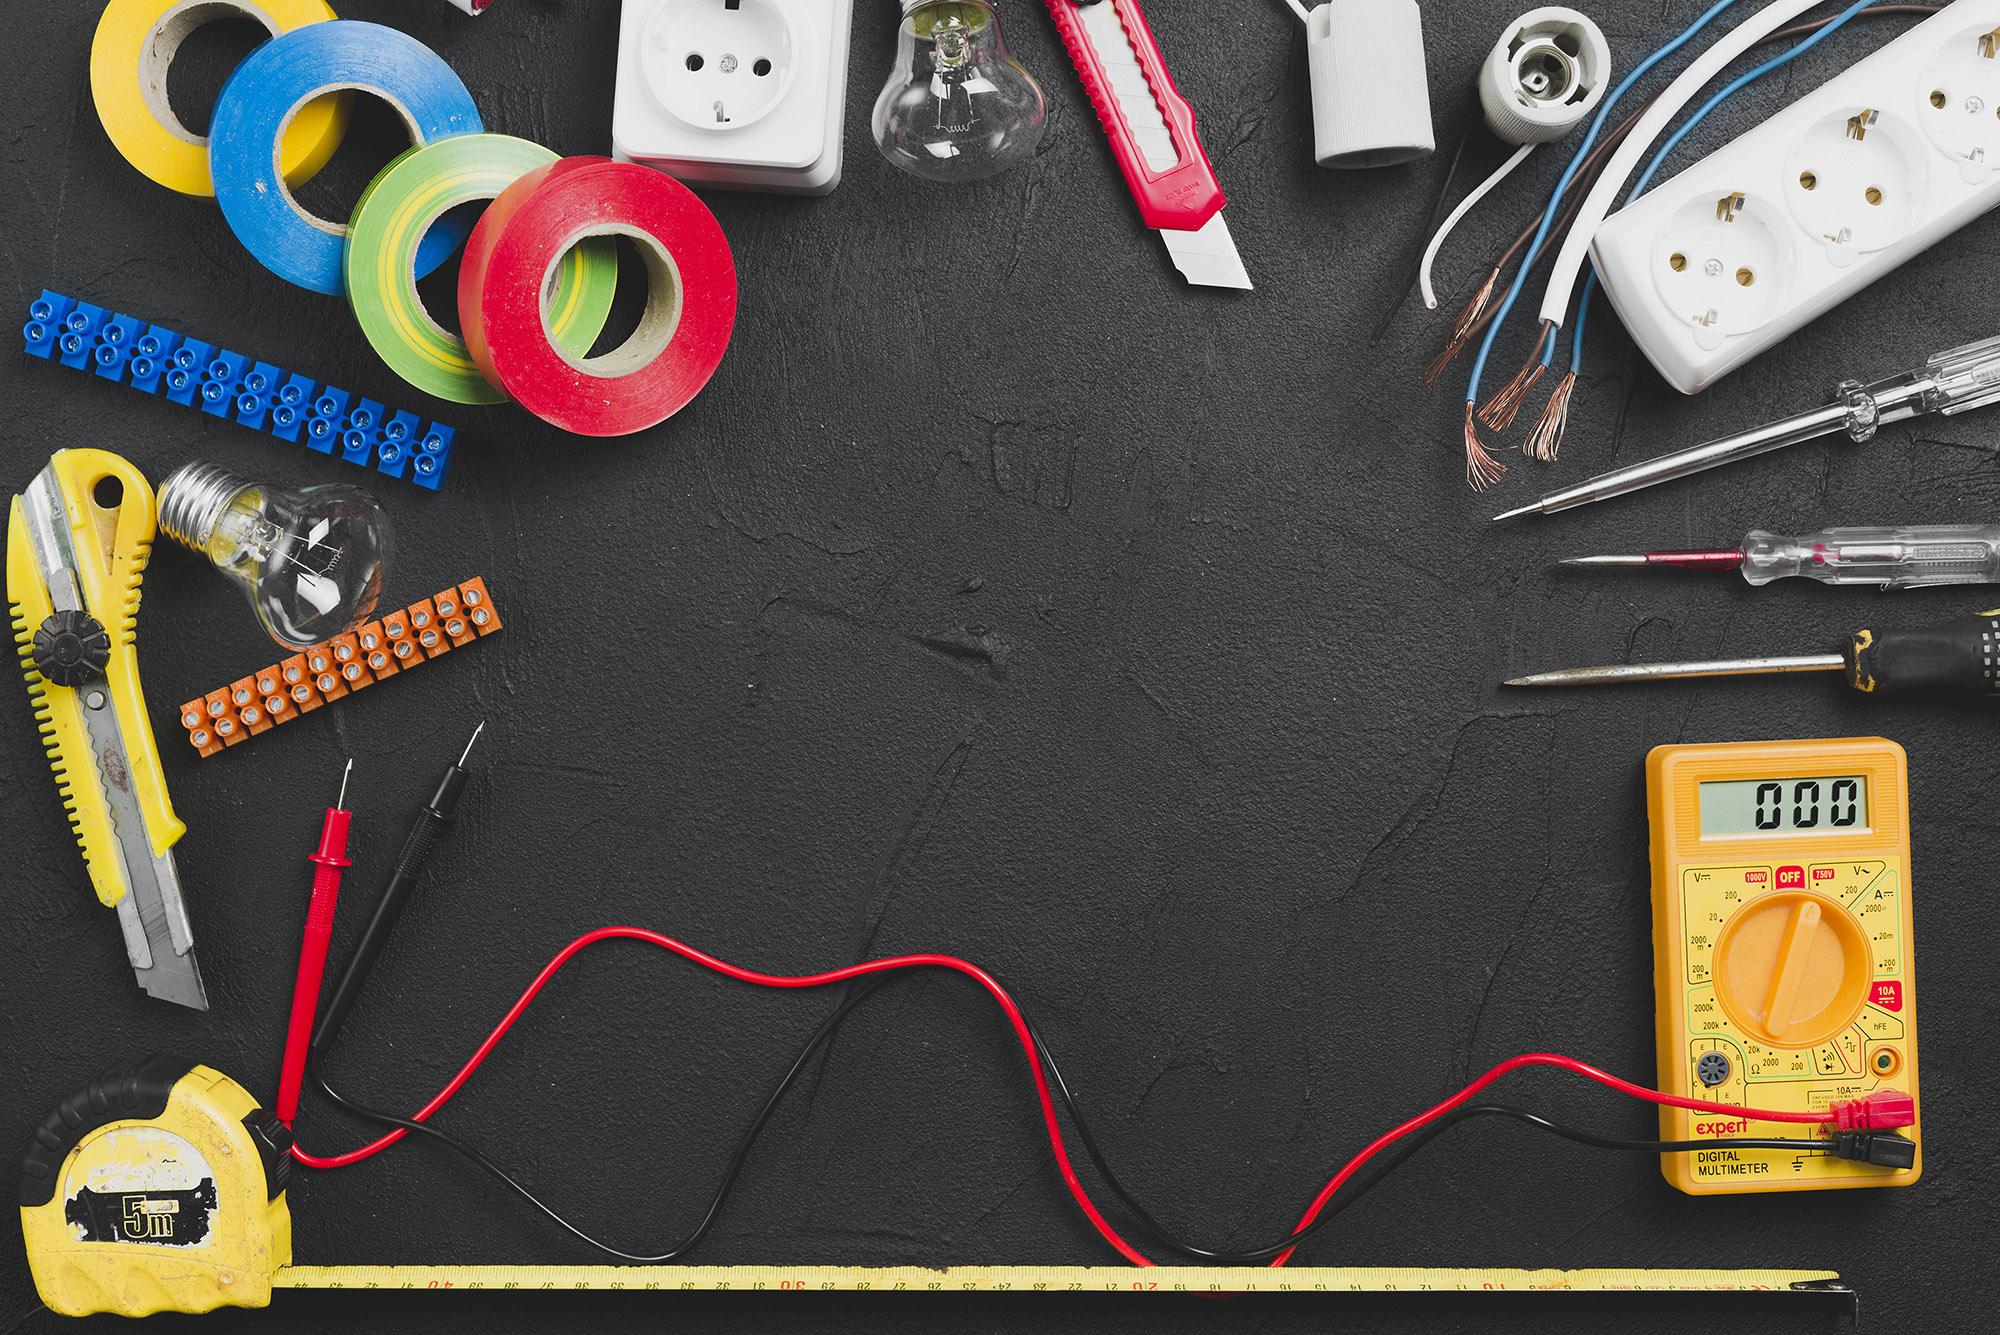 vendita materiale elettrico San Teodoro